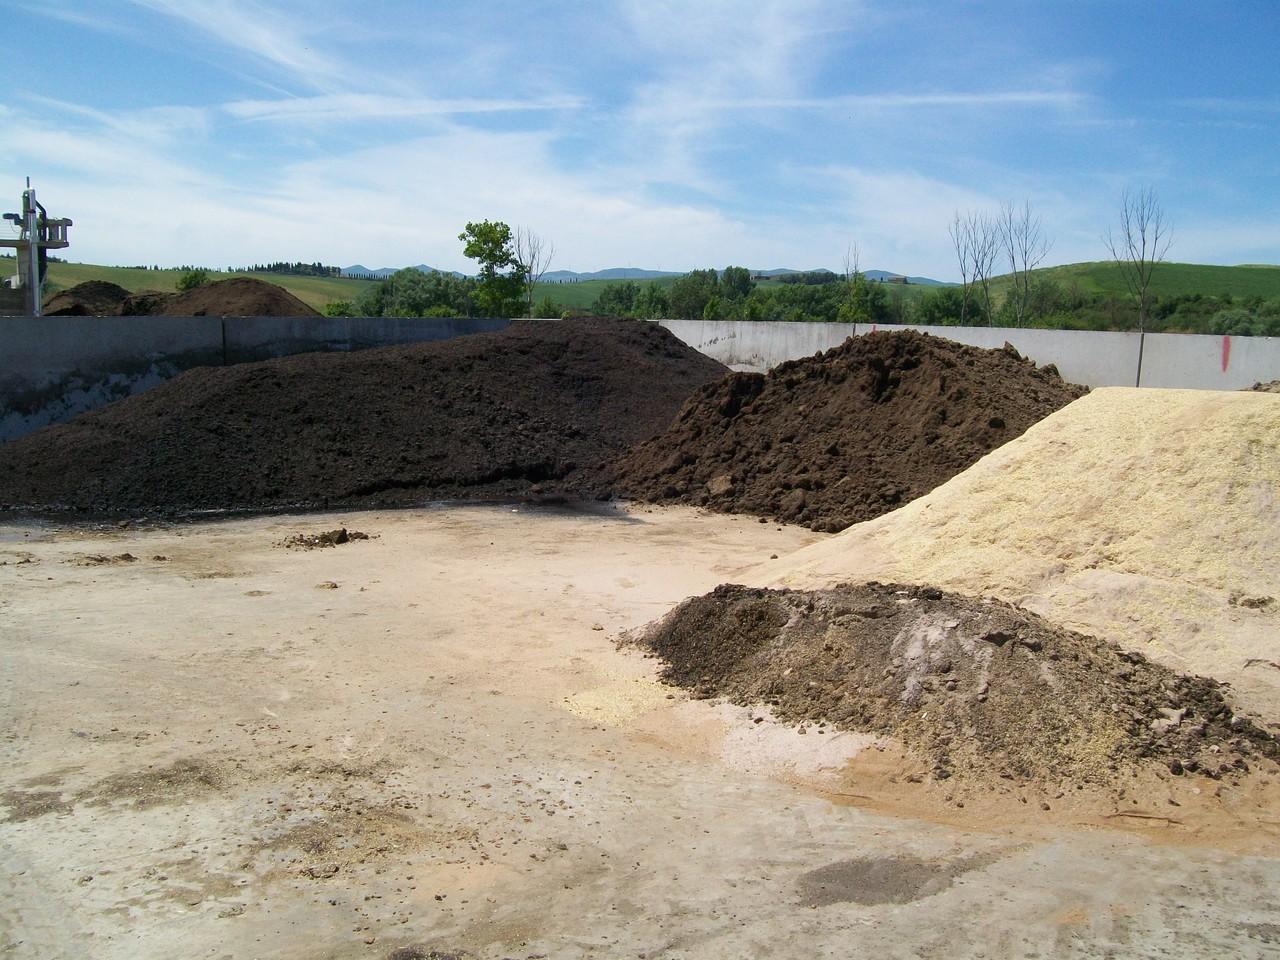 Platea di stoccaggio temporaneo delle biomasse solide